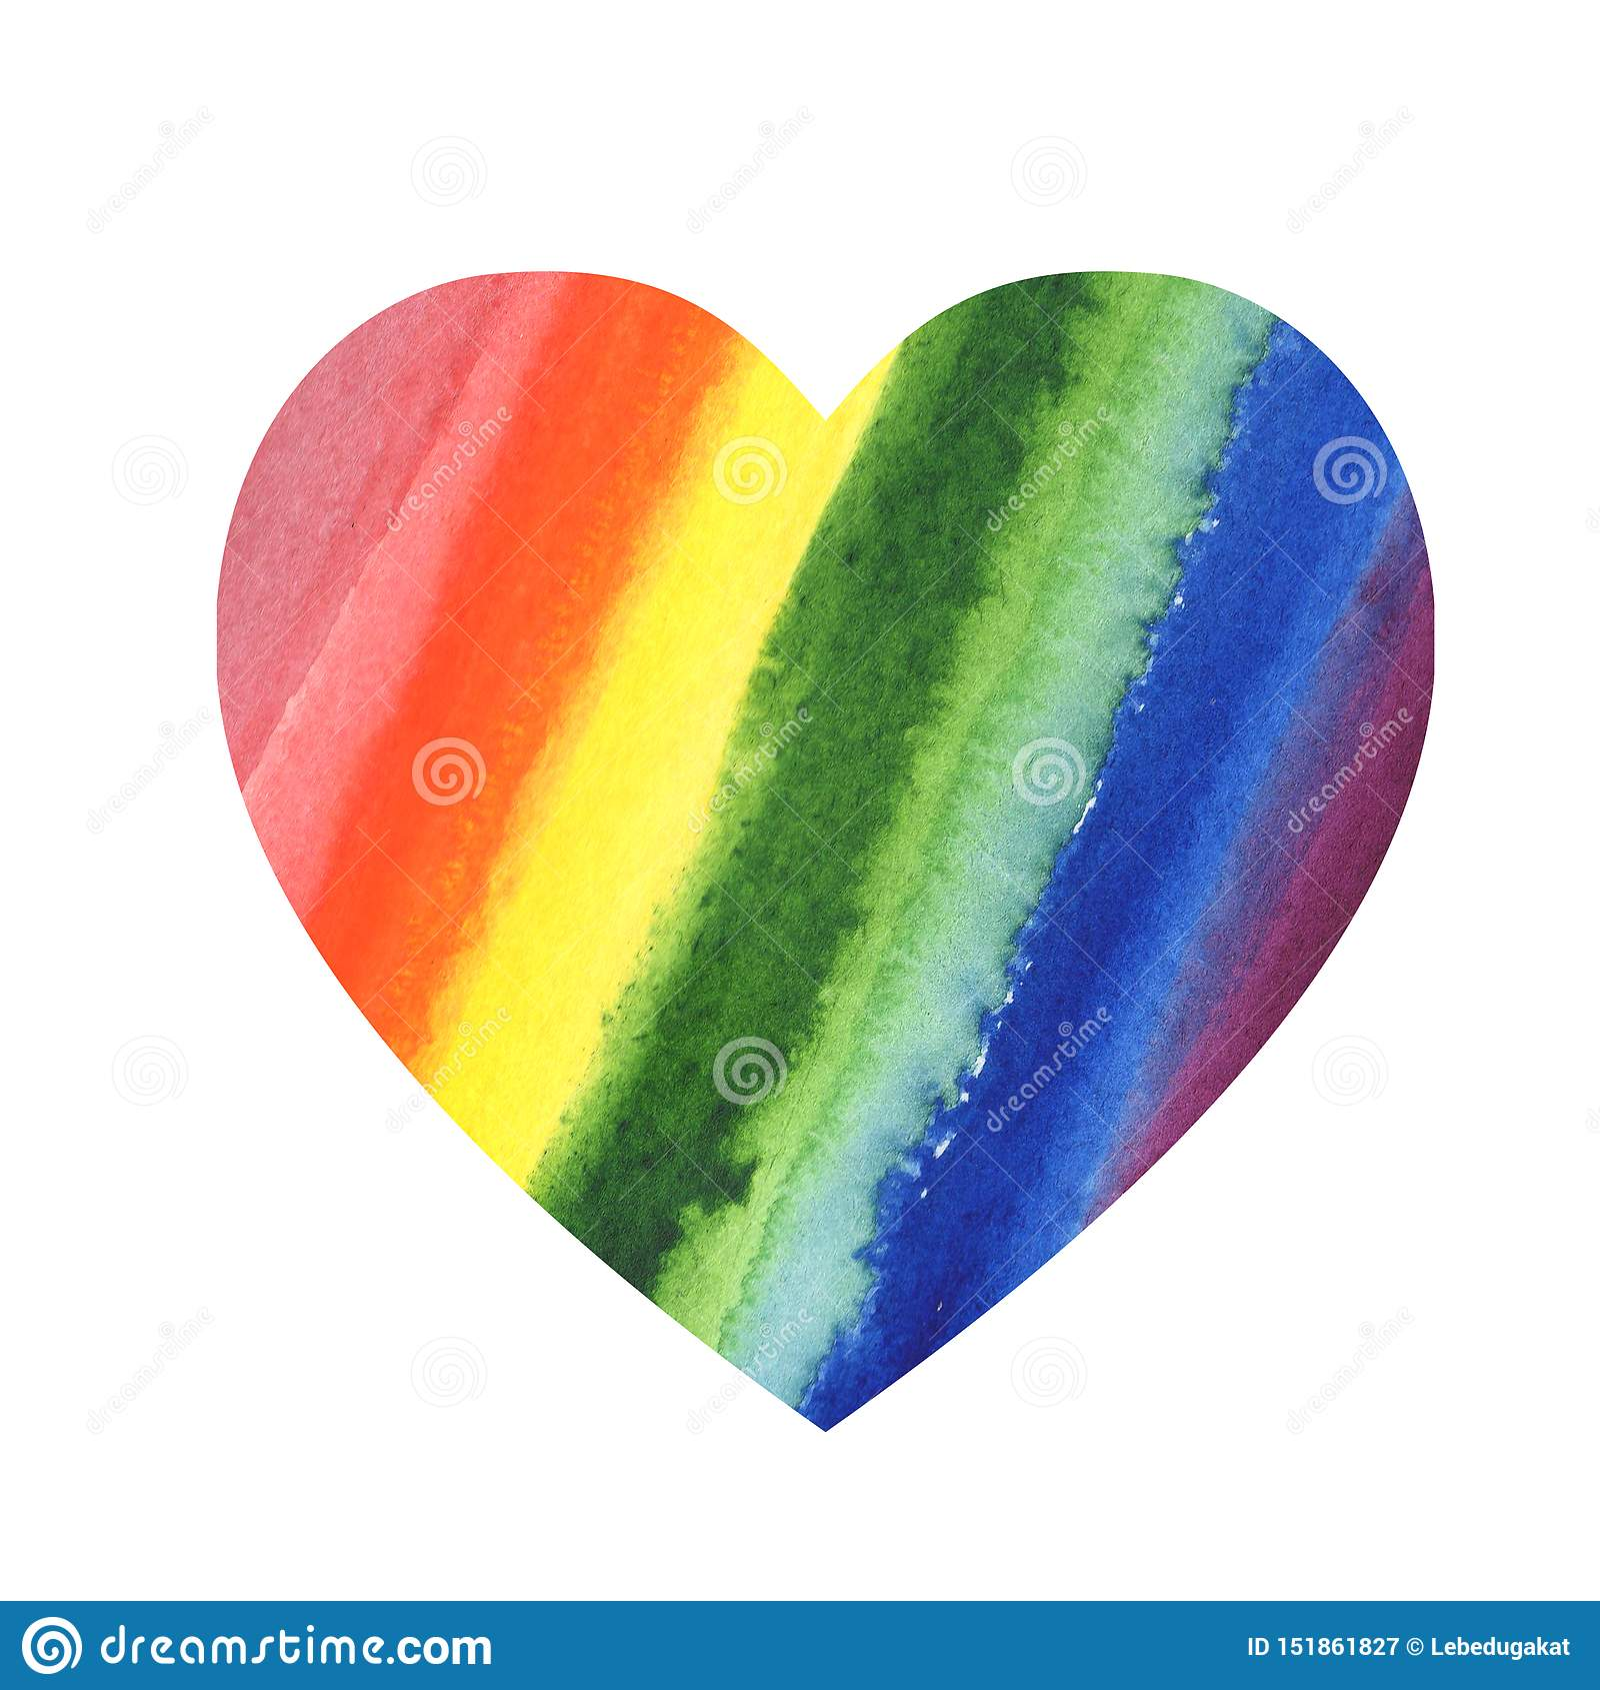 Fondo de la mancha blanca /negra del color del arco iris de la acuarela del corazón del extracto del ejemplo